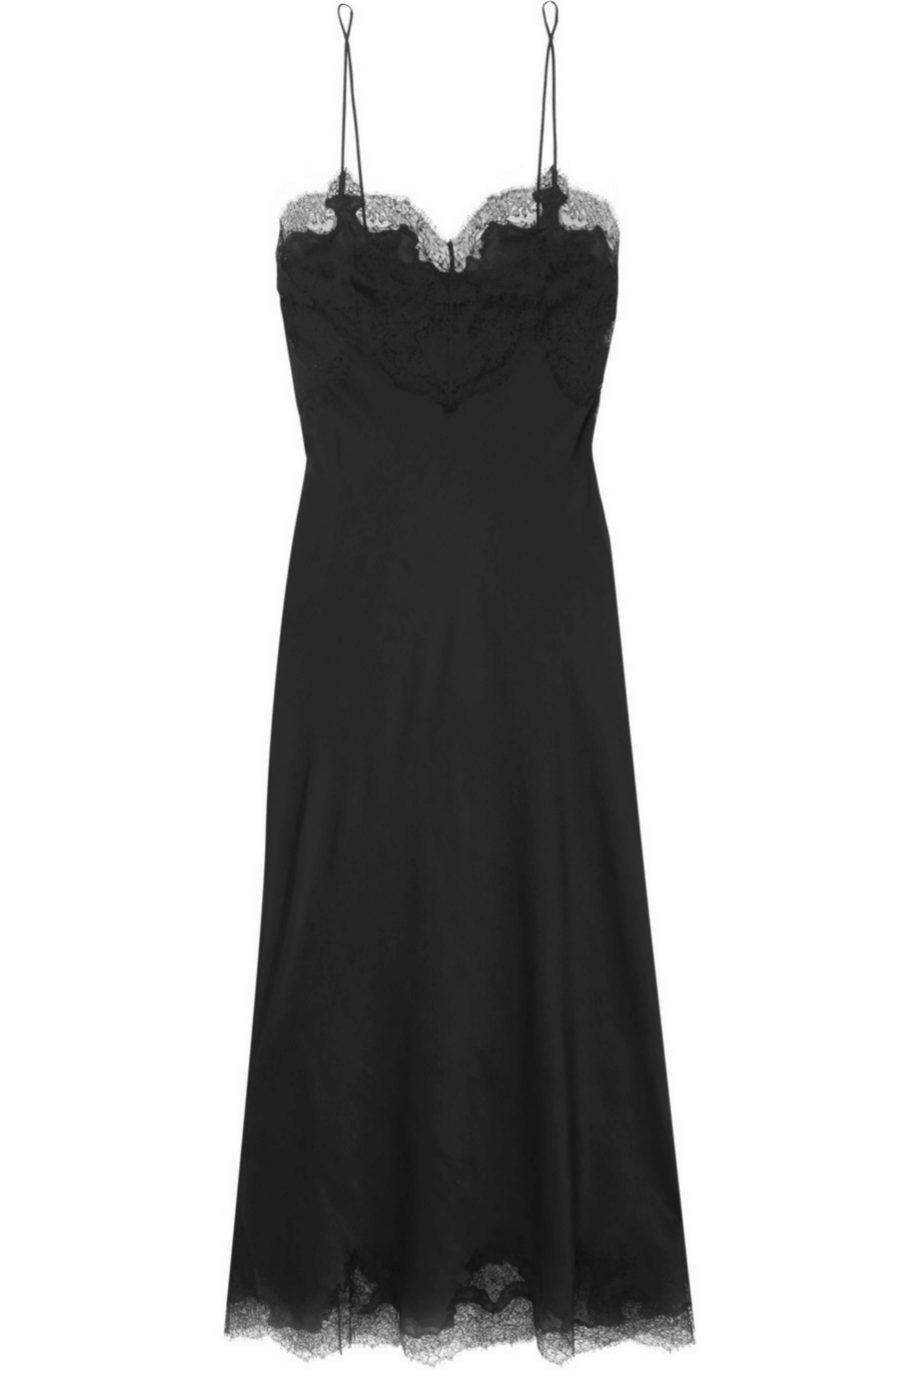 Vestido lencero de Carine Gilson para Net a porter